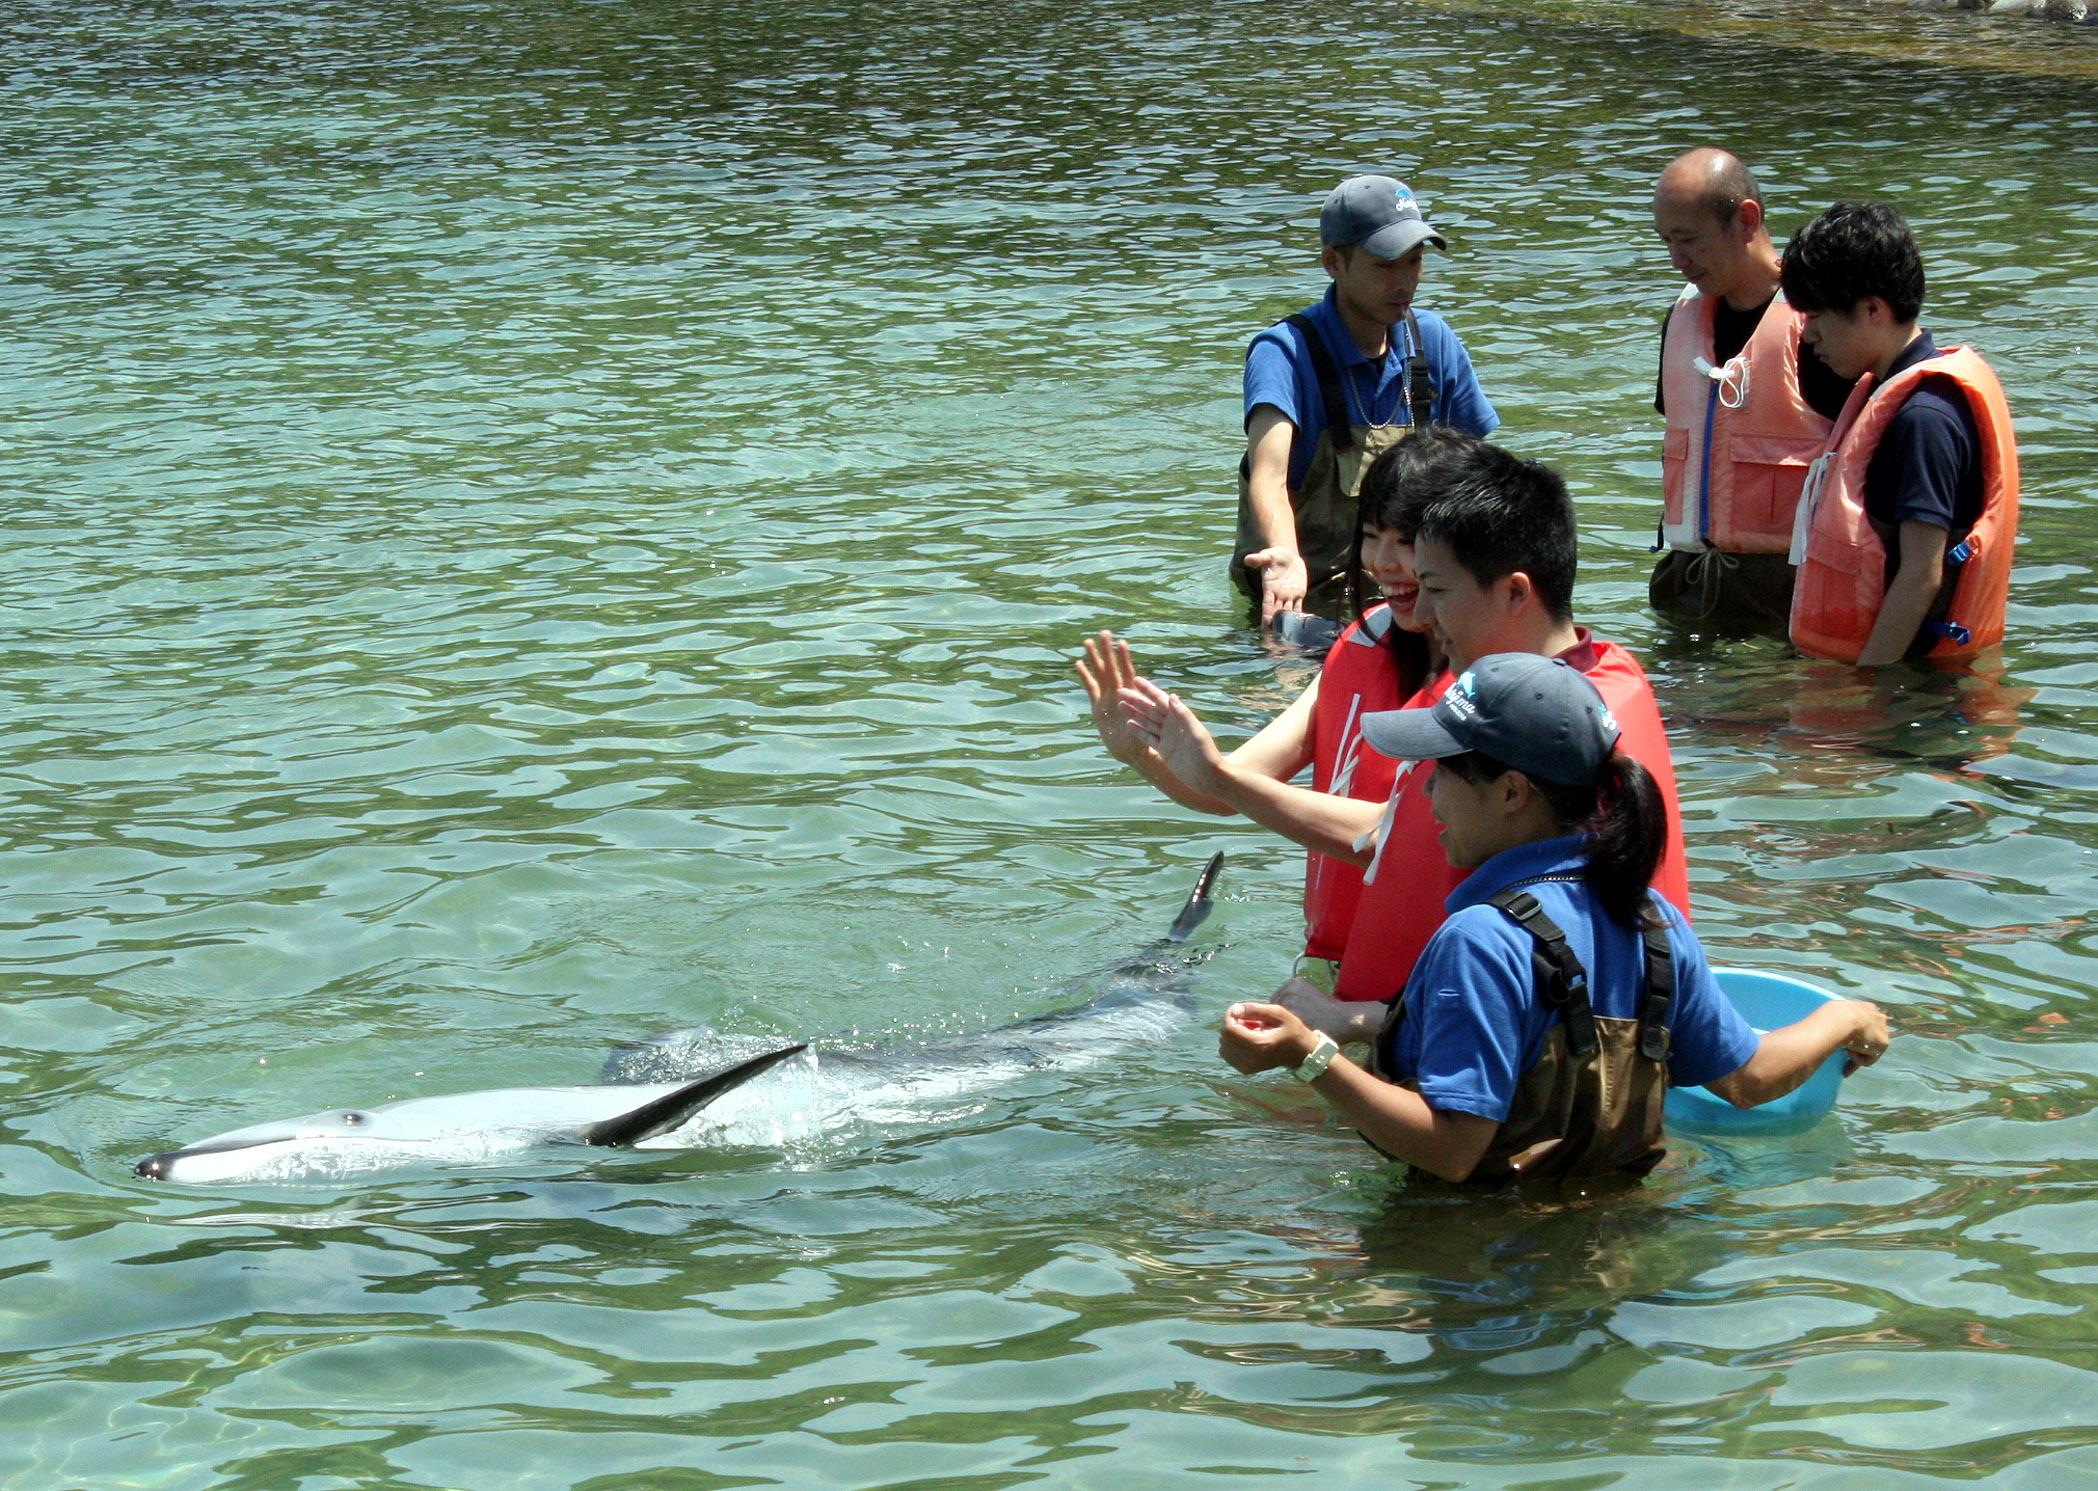 イルカと触れ合う参加者=15日午前11時10分、七尾市ののとじま臨海公園水族館